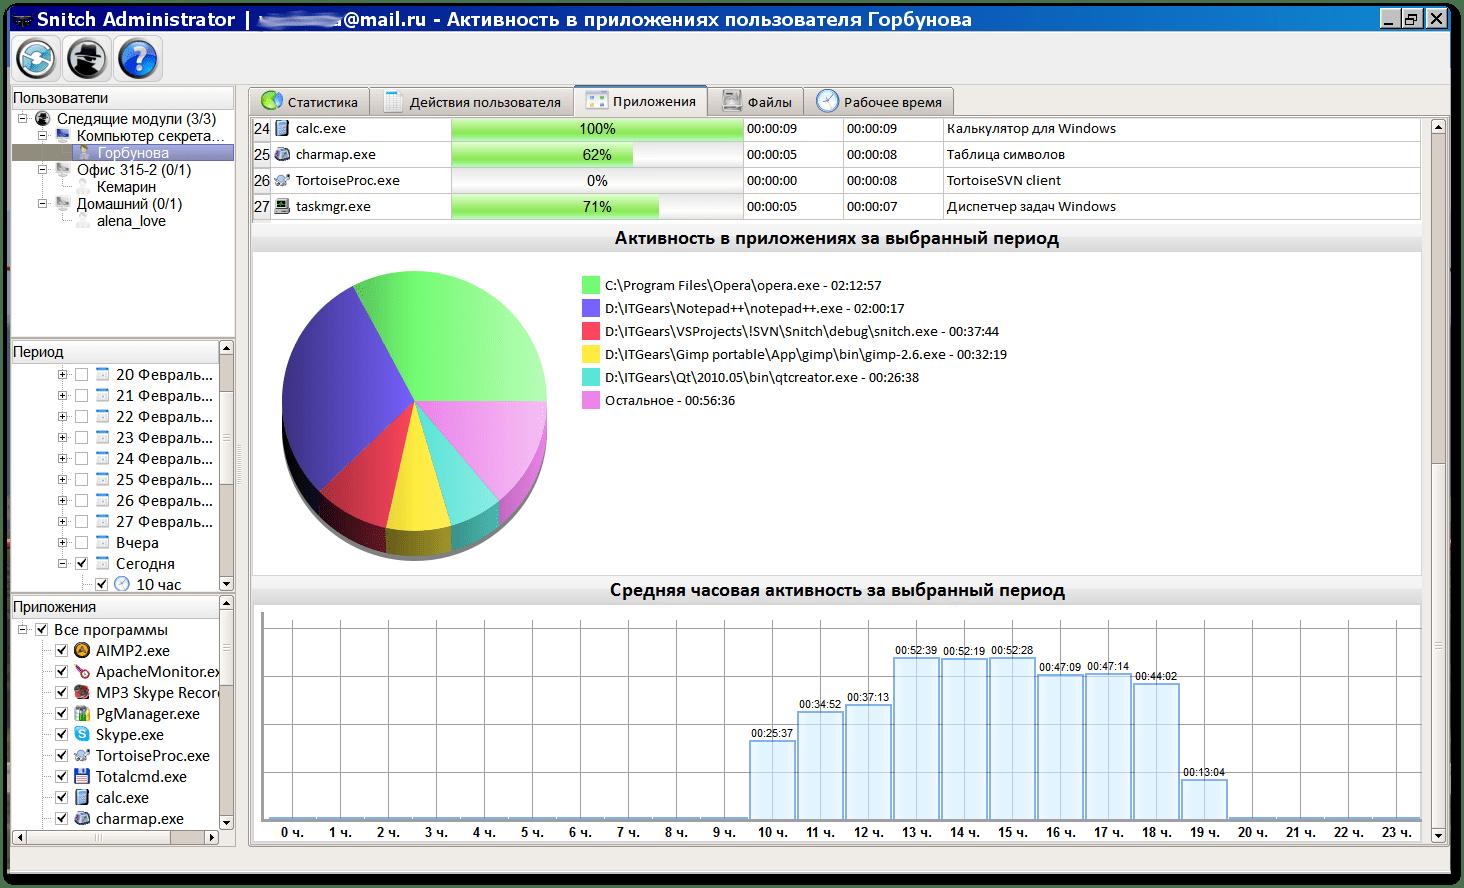 Как посмотреть историю последних действий работы компьютера